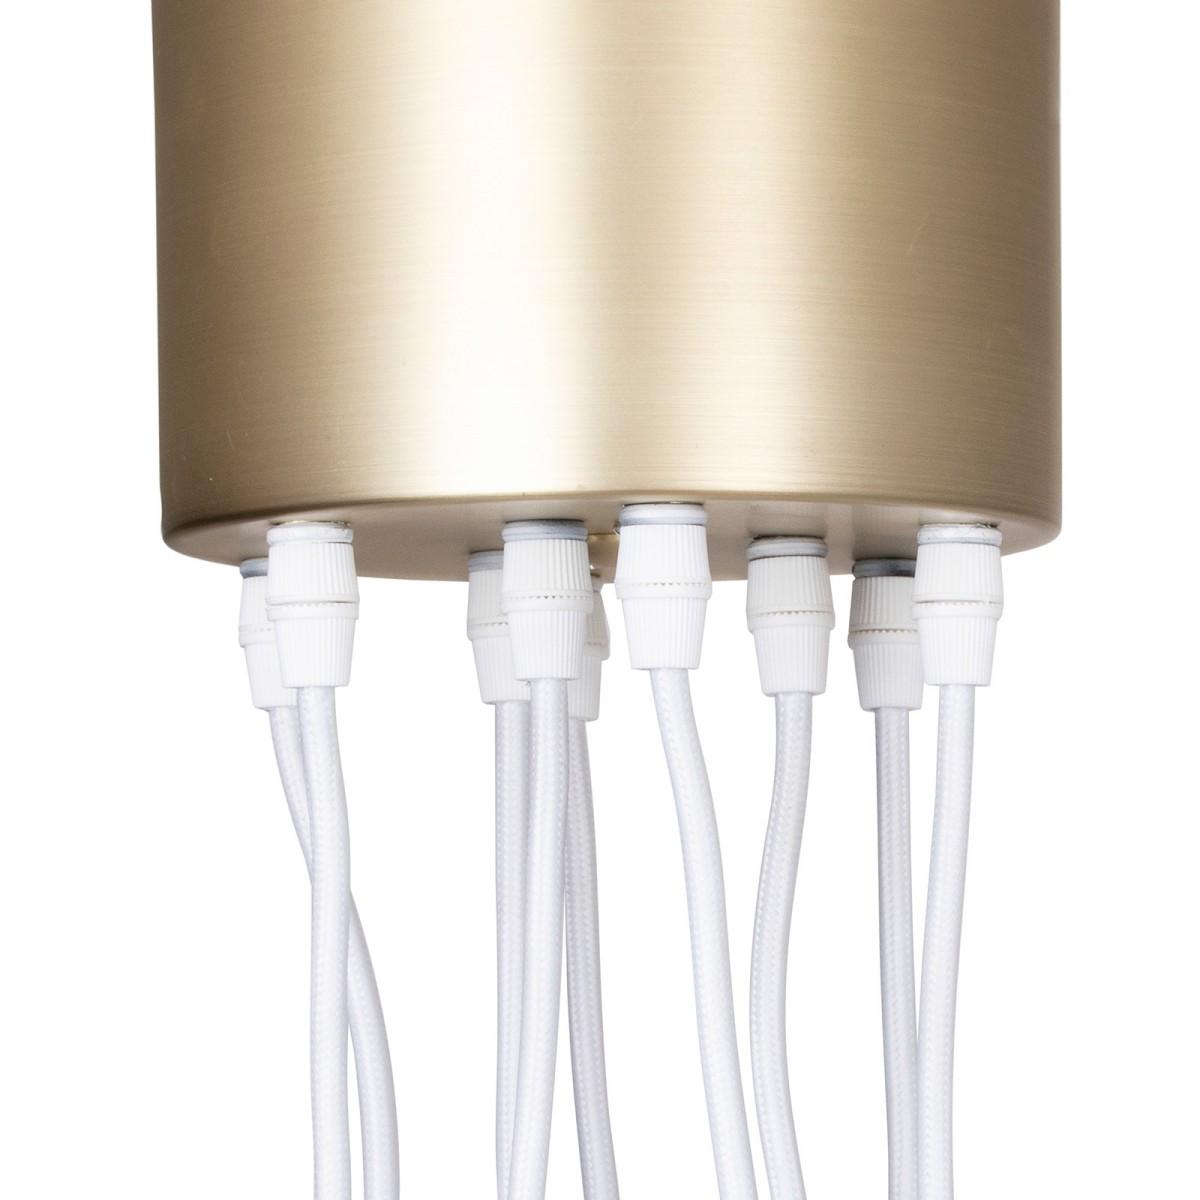 Lampă suspendată Pallas din sticlă albă/transparentă, Globen